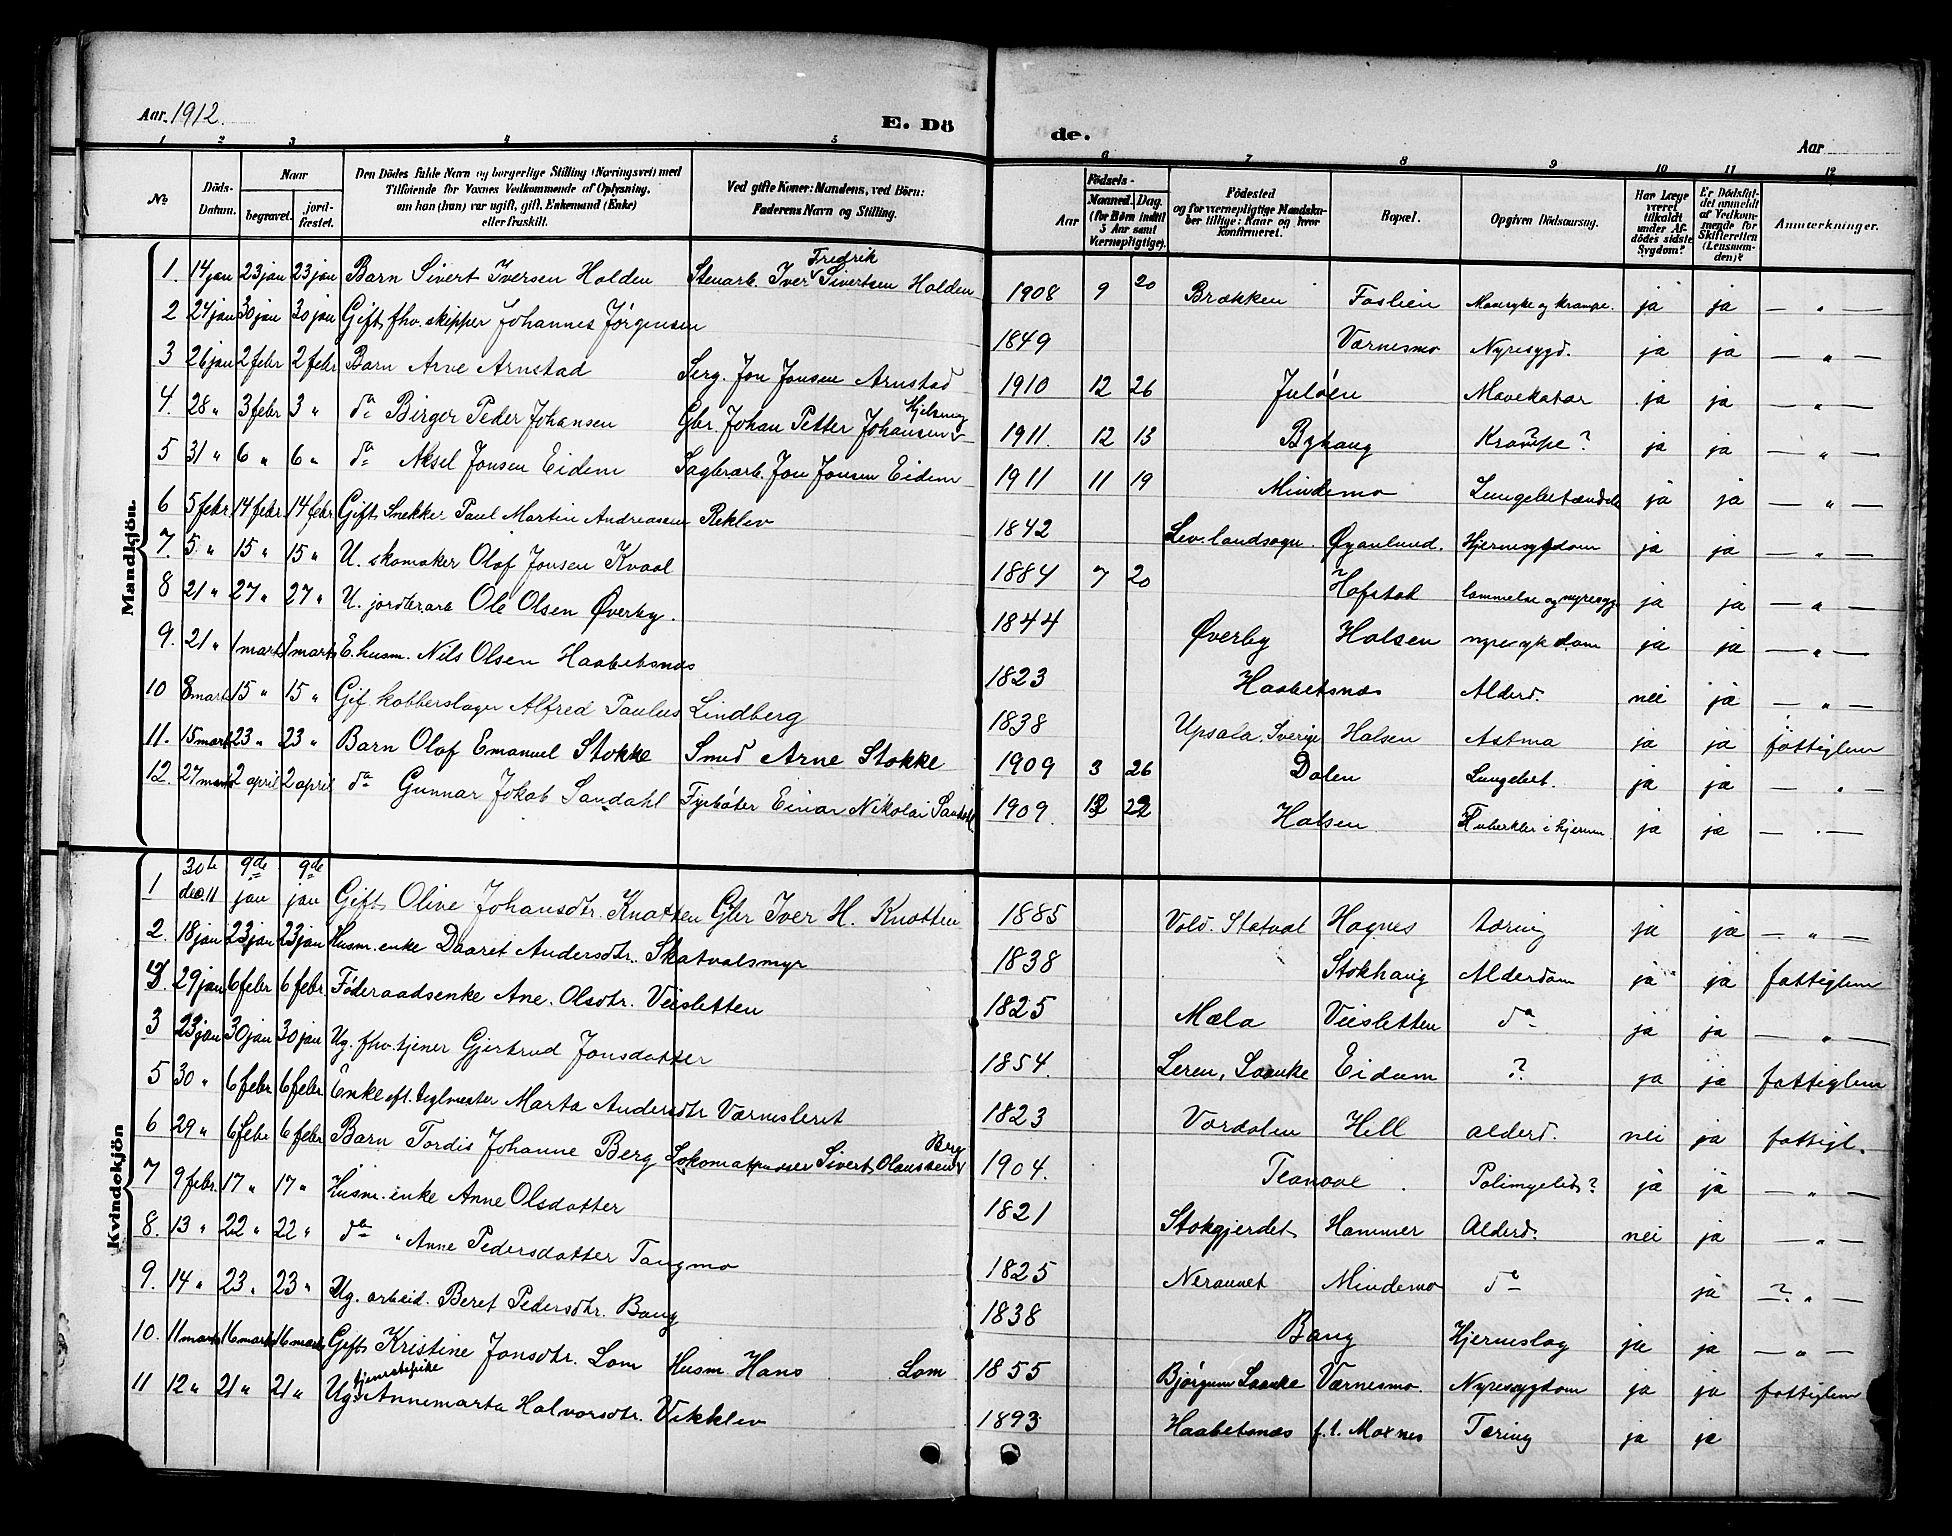 SAT, Ministerialprotokoller, klokkerbøker og fødselsregistre - Nord-Trøndelag, 709/L0087: Klokkerbok nr. 709C01, 1892-1913